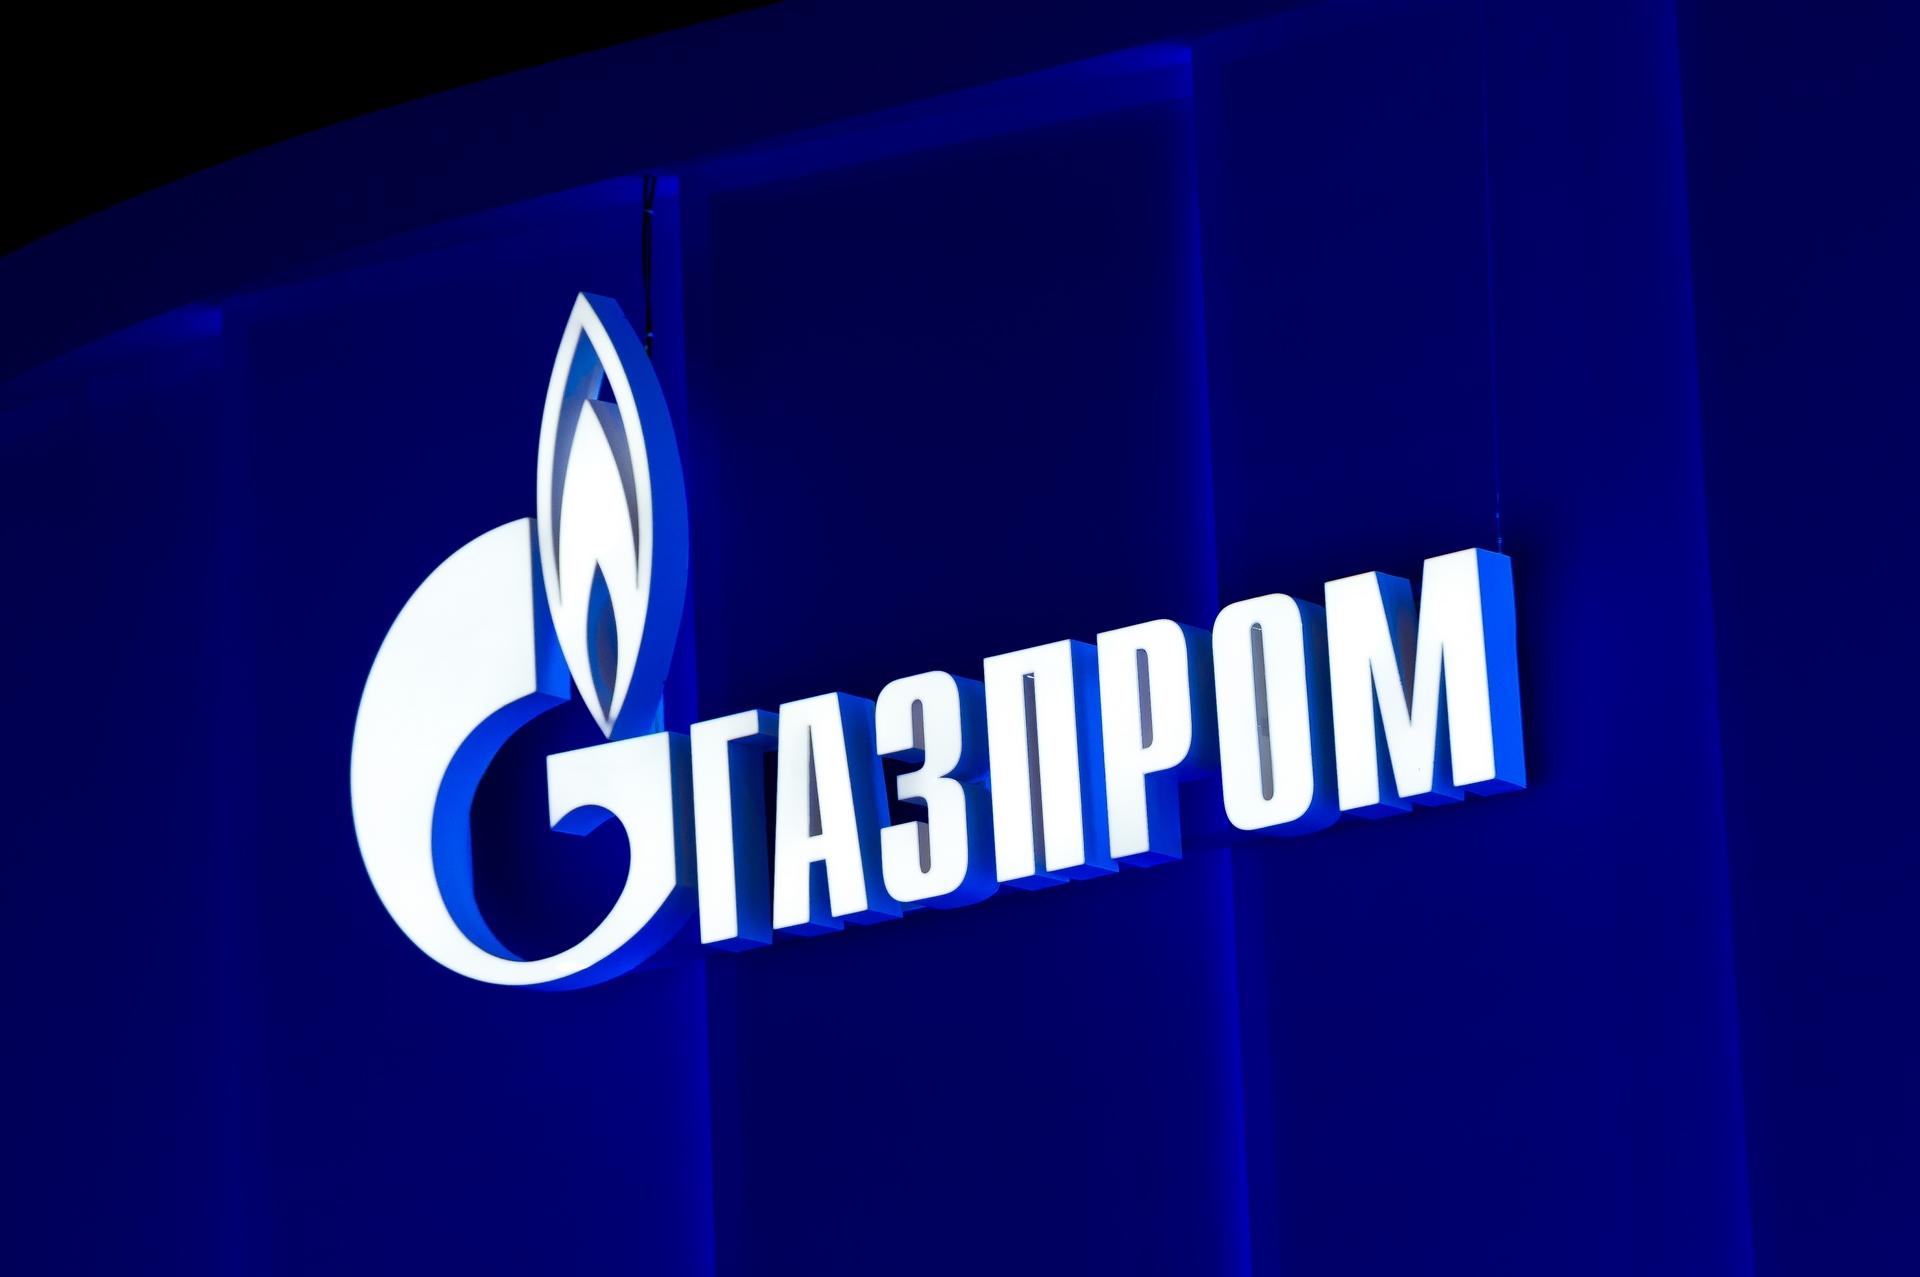 """Когда дивиденды у """"Газпрома"""" в 2022 году"""